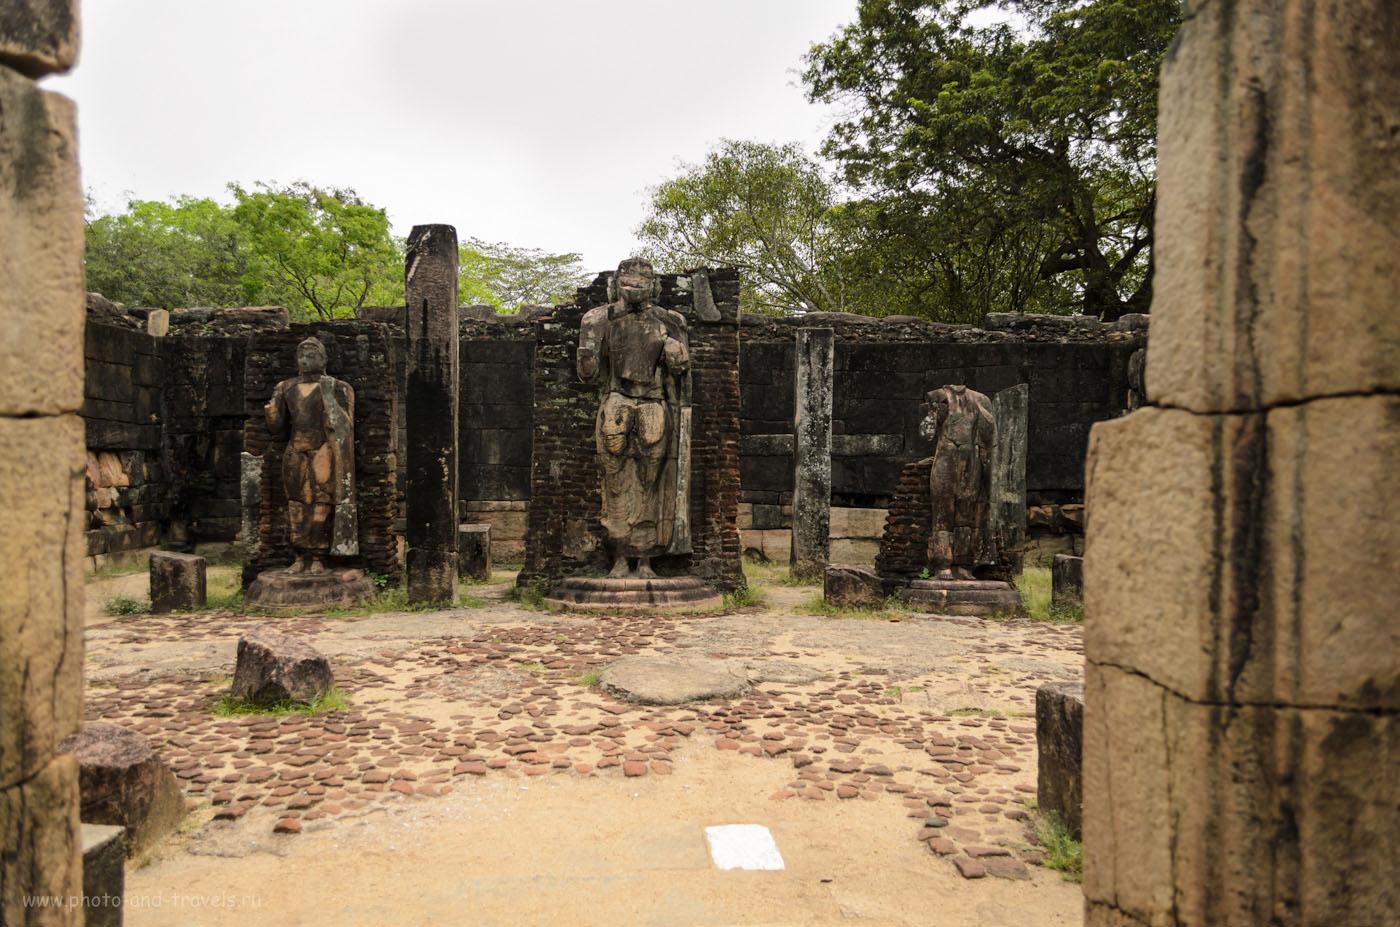 Фотография 6. Hatadage - один их храмов зуба Будды в древнем городе Полоннарува. Самостоятельный тур по Шри-Ланке на арендованной машине.